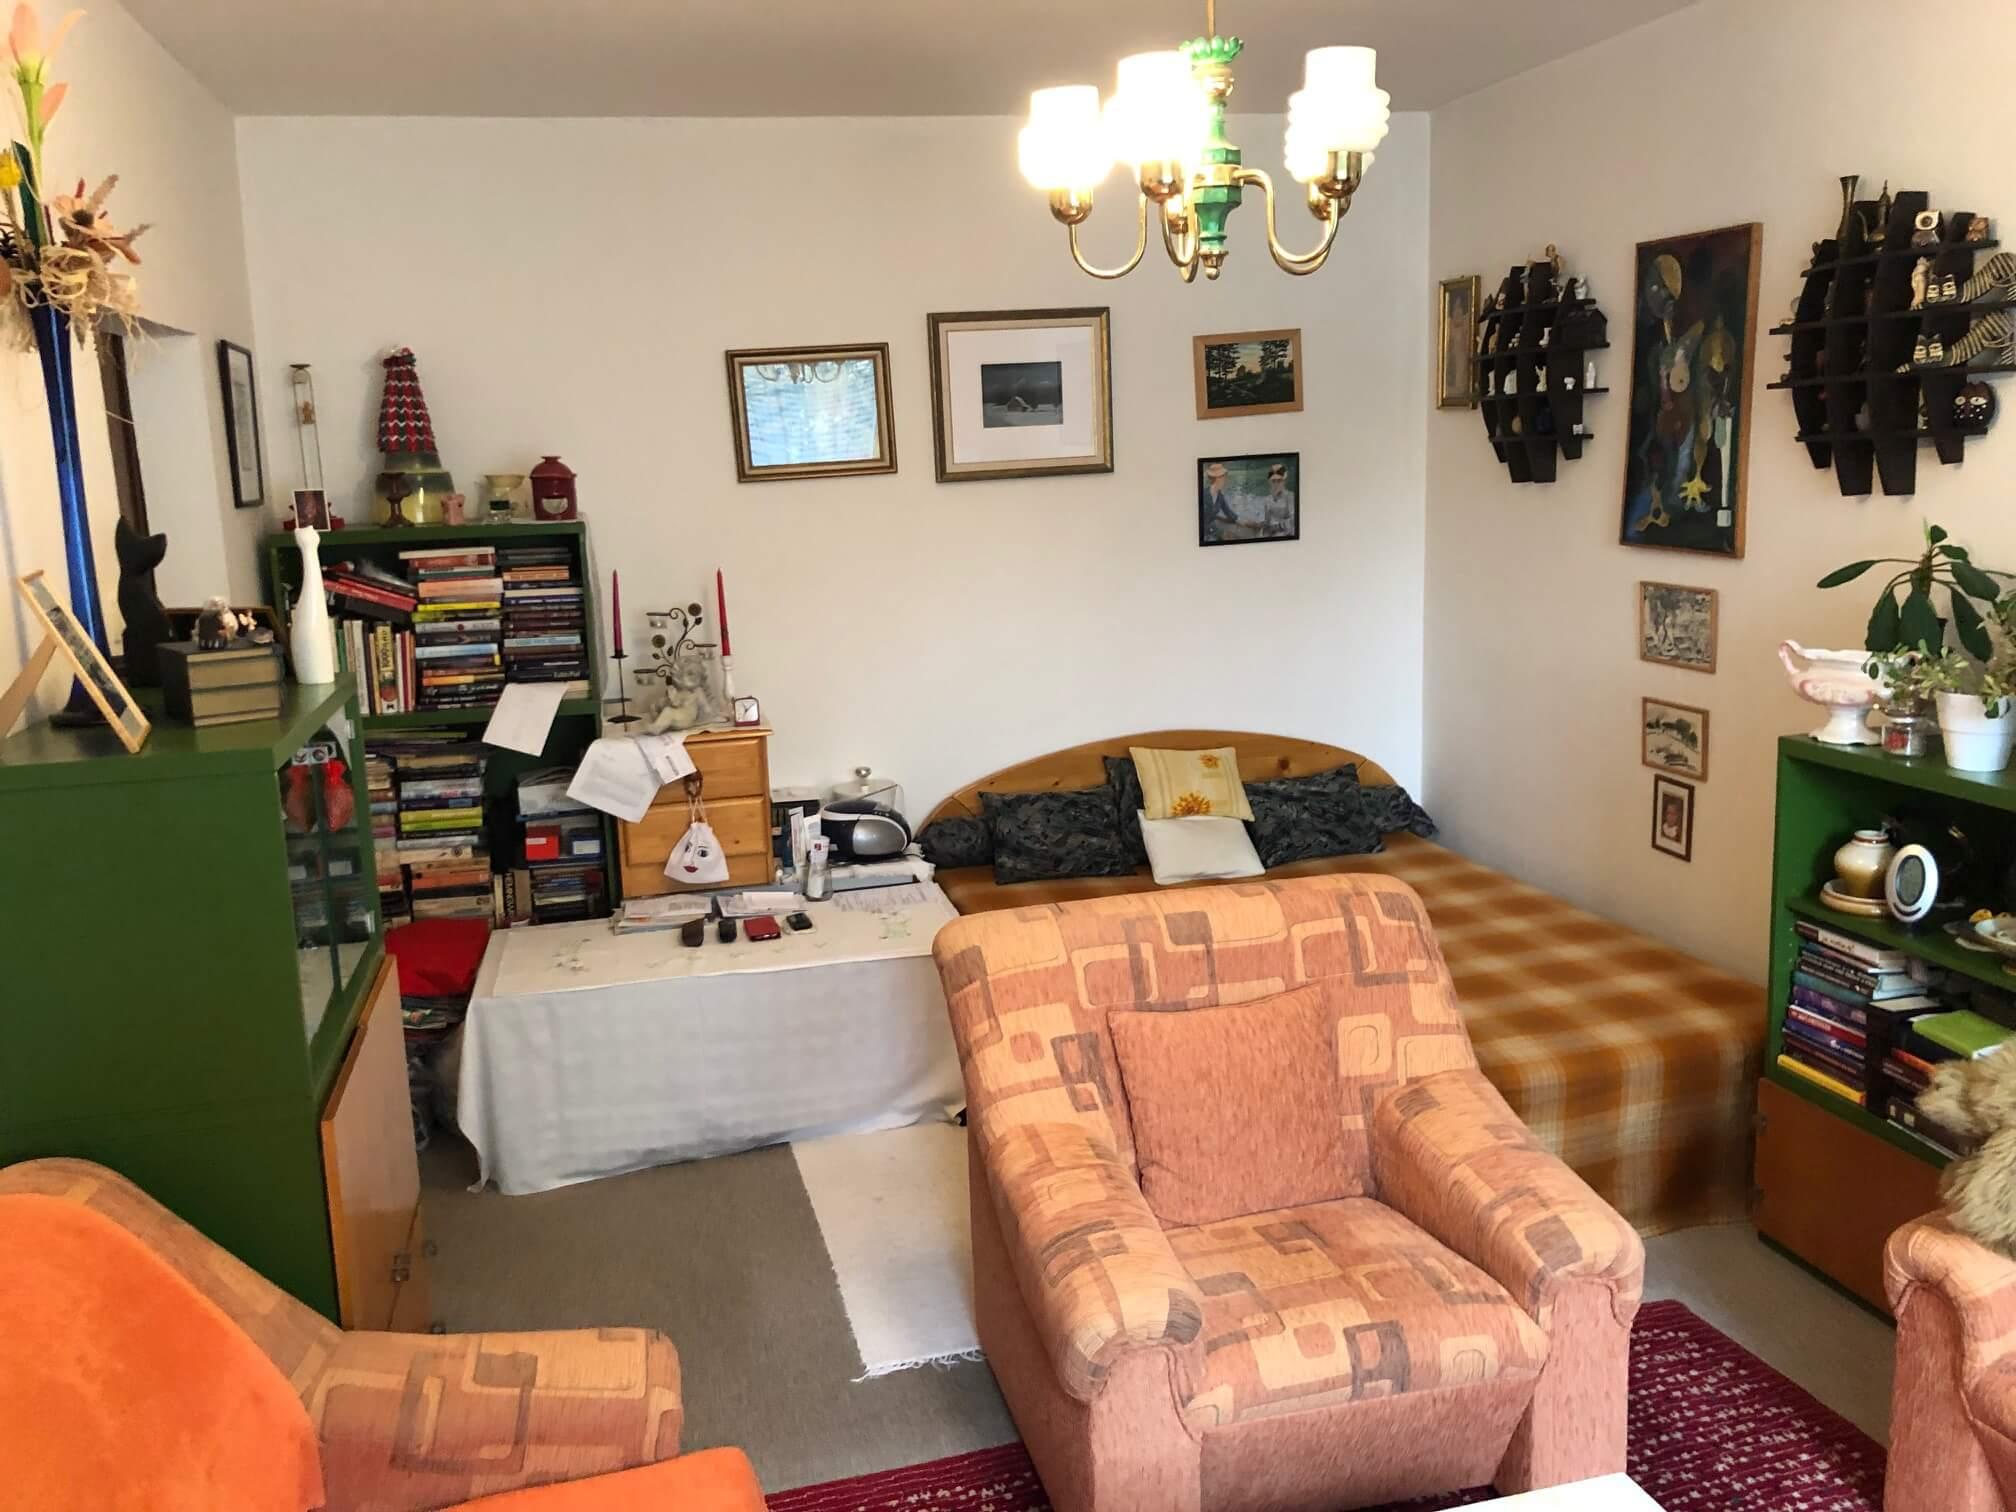 Predaný: 1 izbový byt, Ipeľská, Bratislava, 38m2, nízke náklady, parkovanie, vynikajúca občianska vybavenosť-0